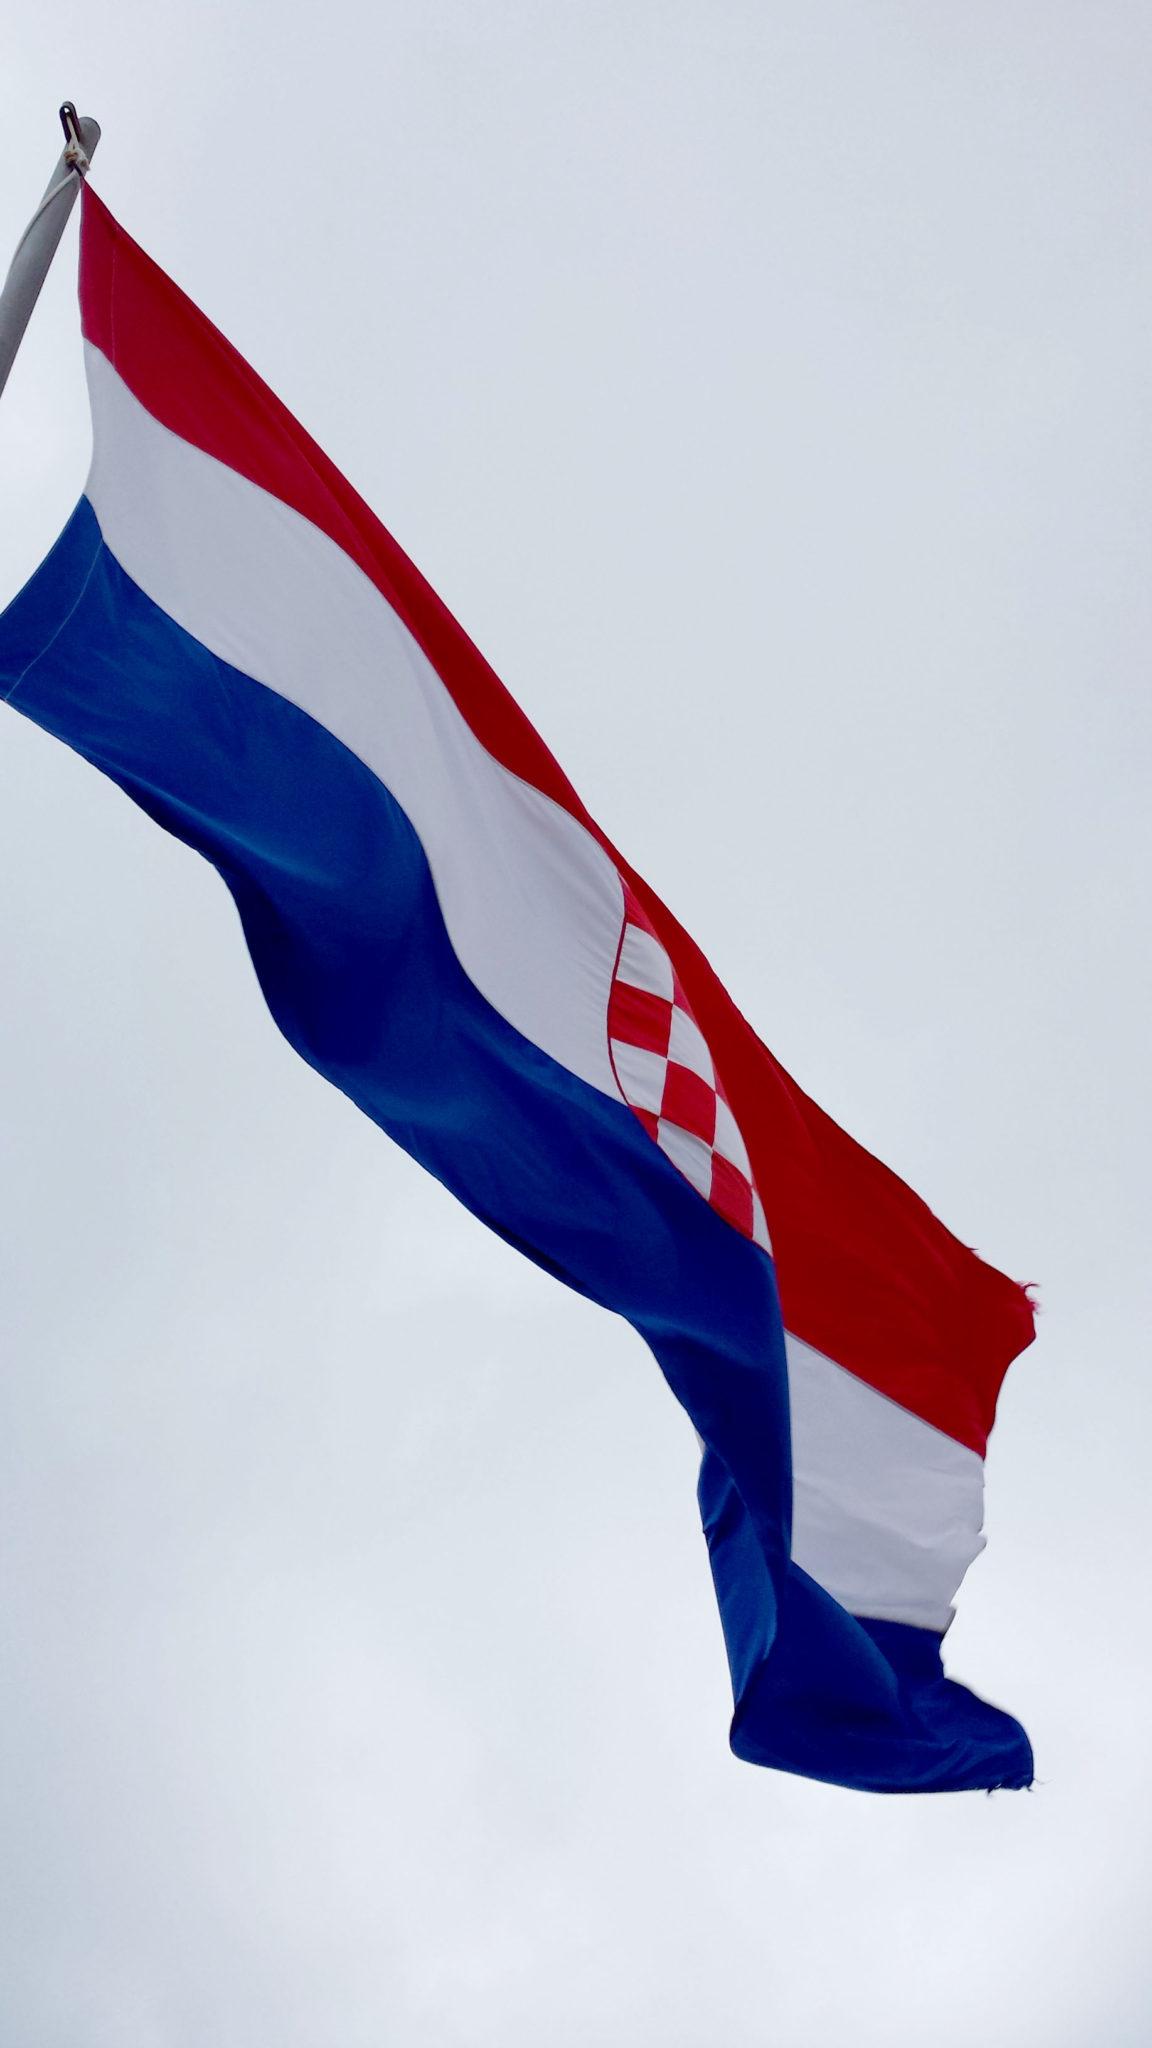 Hema_blog_mode_voyage_croatie_une_journee_a_dubrovnik_flag5